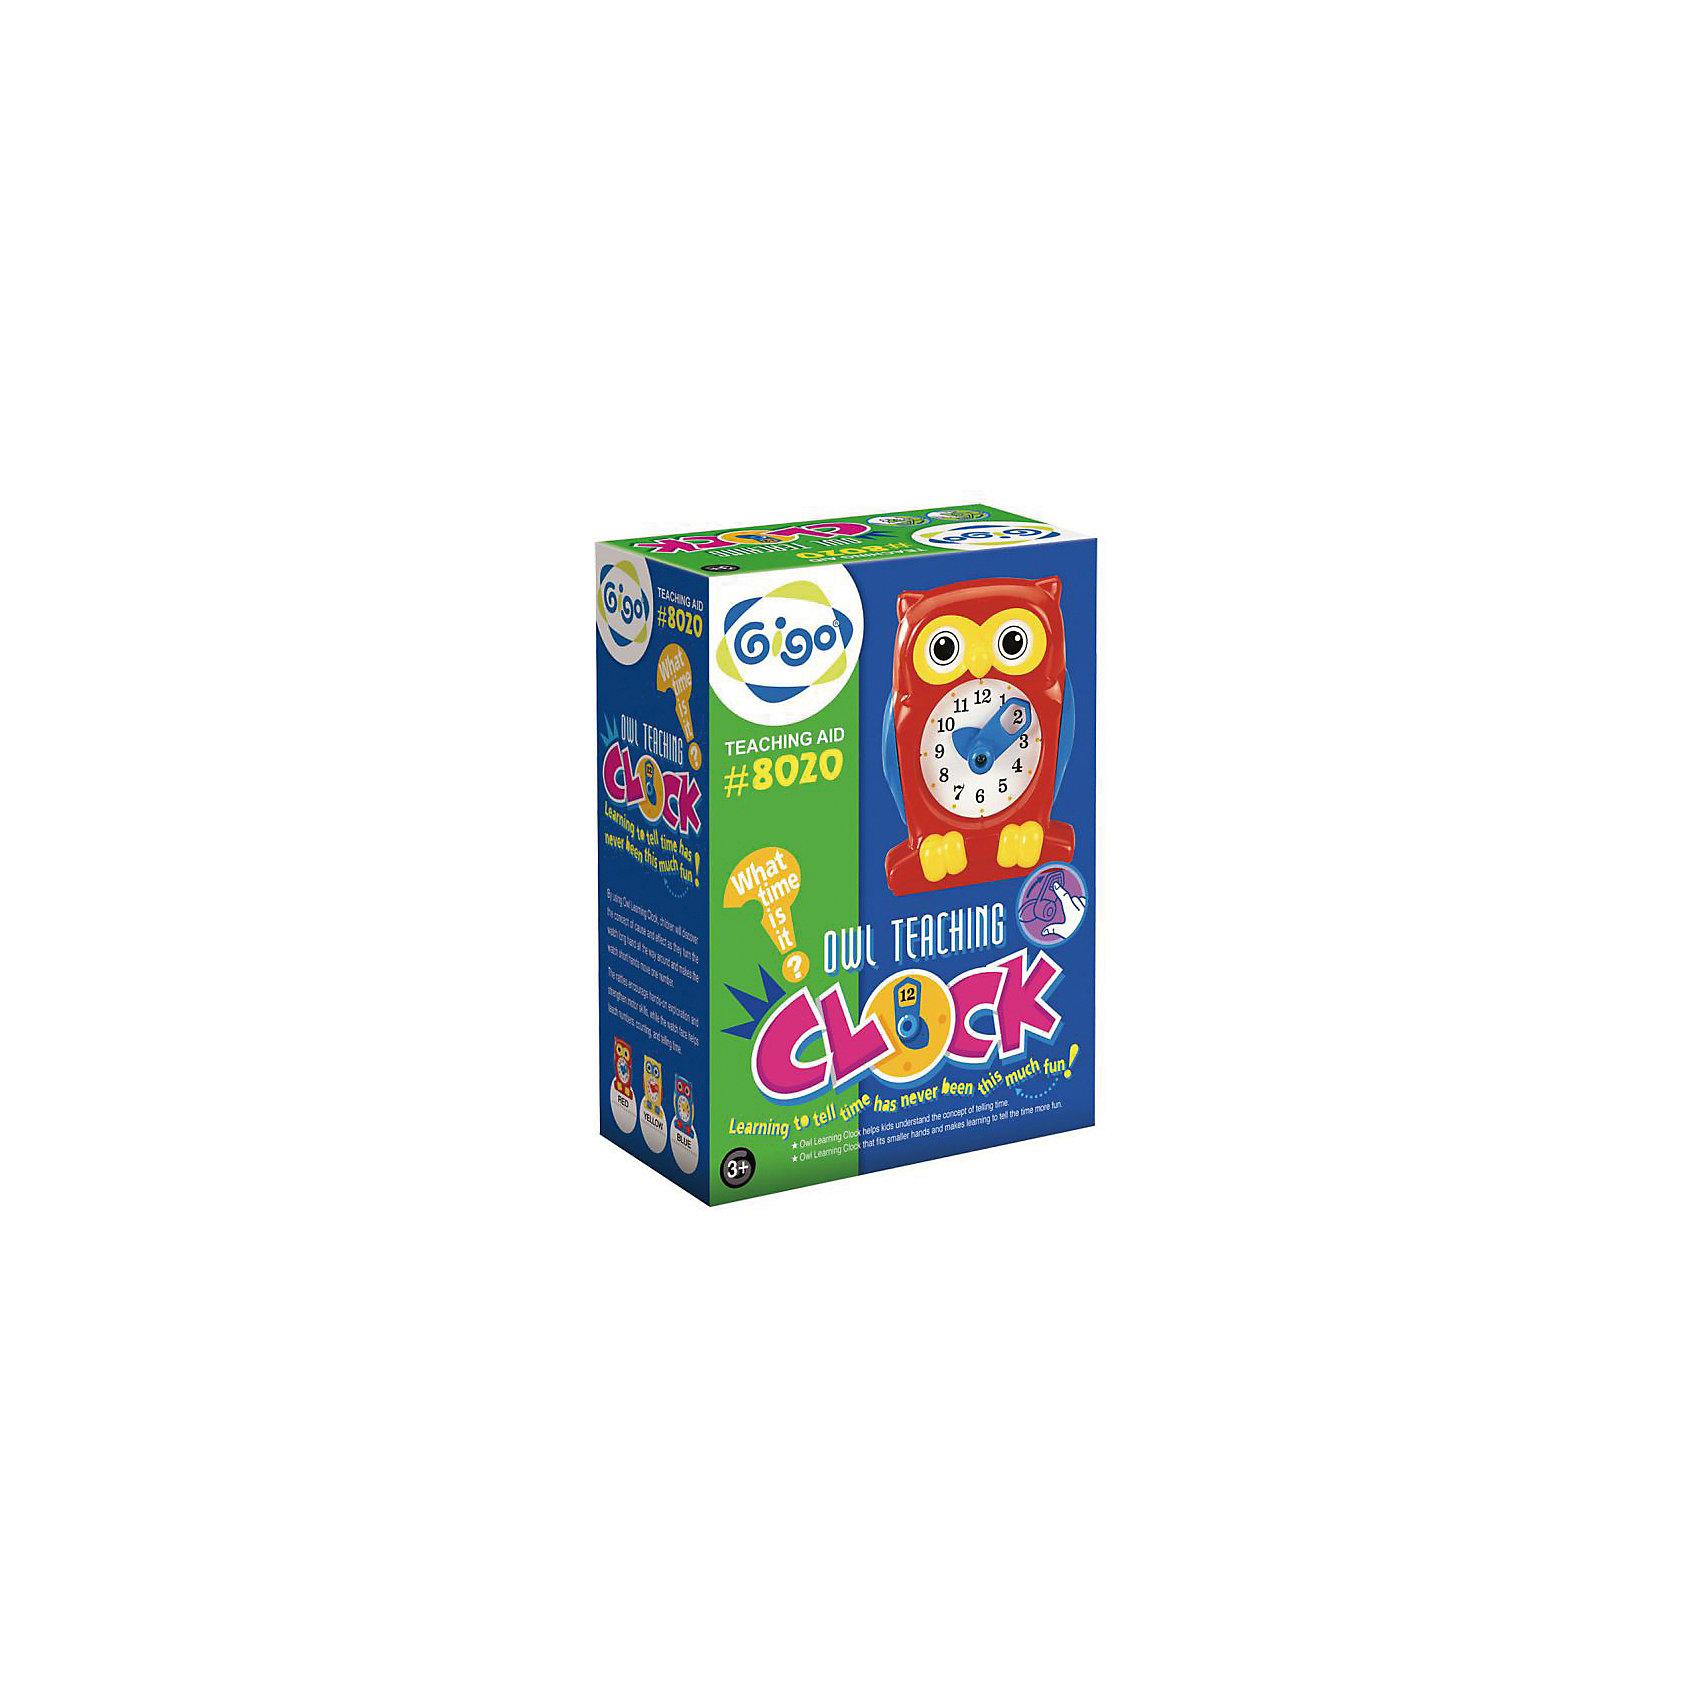 Набор для творчества  Часы СоваКонструктор Gigo Owl teaching clock (Гиго. Часы Сова) - это развивающая игрушка для детей старше 3-х лет. Часы выполнены в виде совы, подвешиваются на стену. Благодаря большому размеру, часы могут применяться для демонстрации детям на занятиях в детском саду или школе.<br><br>Ширина мм: 155<br>Глубина мм: 60<br>Высота мм: 110<br>Вес г: 214<br>Возраст от месяцев: 36<br>Возраст до месяцев: 192<br>Пол: Унисекс<br>Возраст: Детский<br>SKU: 5324986